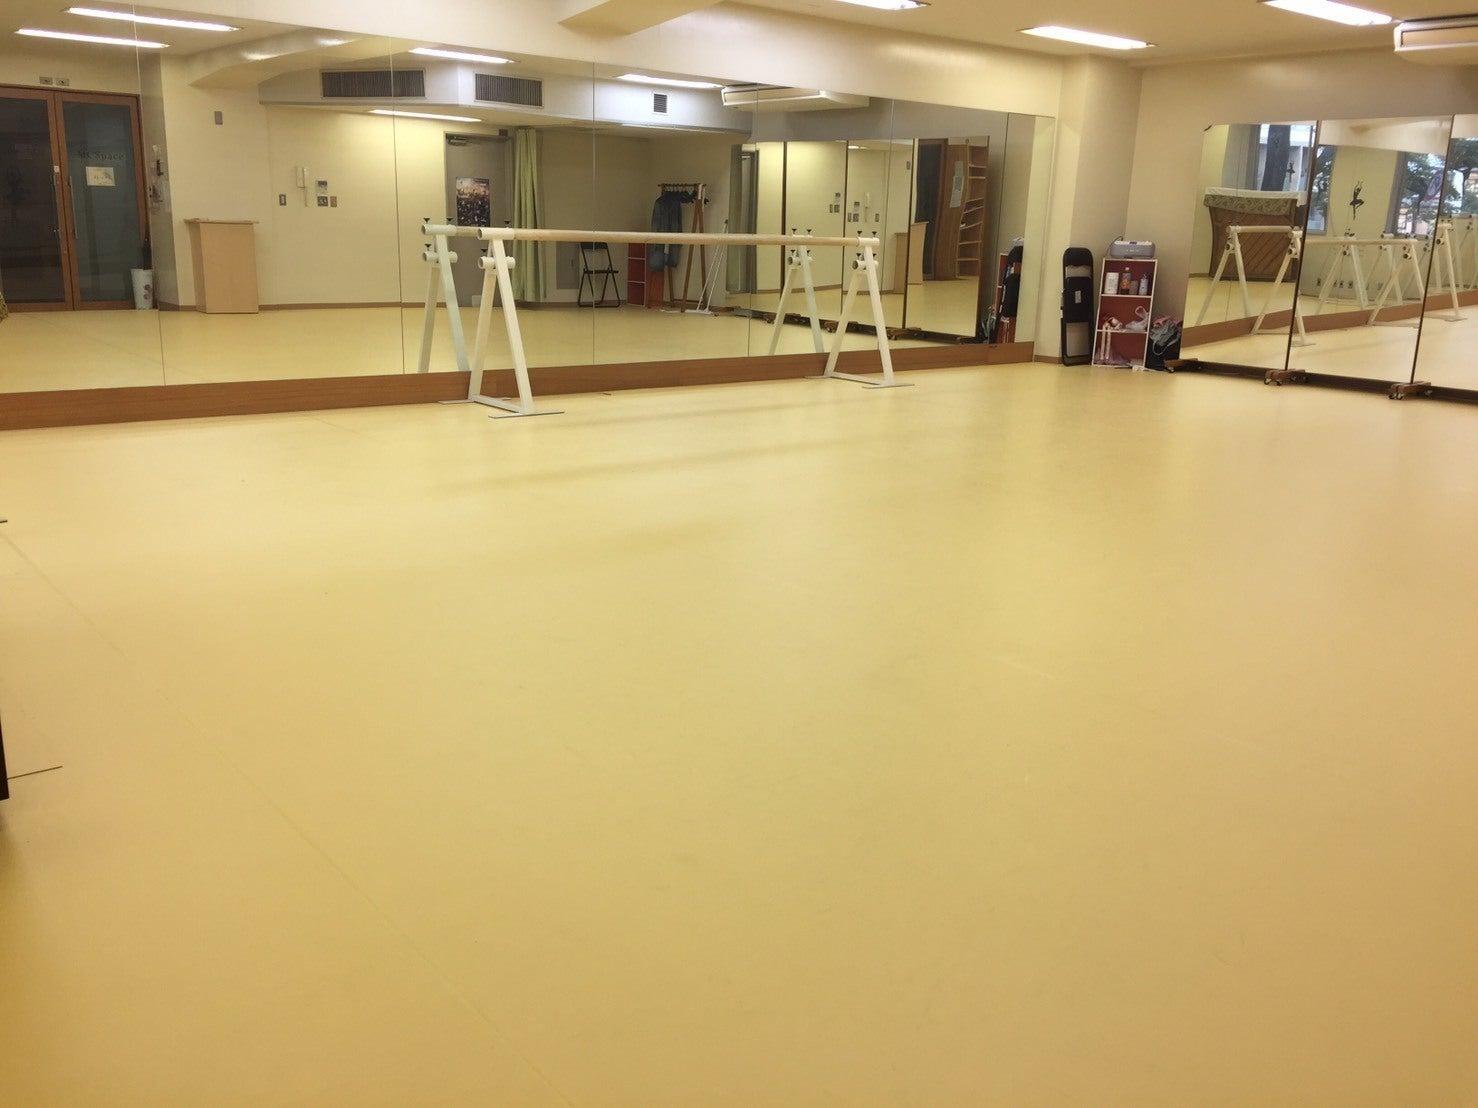 広々としたスペース!ダンスの練習や教室の開催、ネイル、ボディケア、催事場などに!(広々としたスペース!ダンスの練習や教室の開催、ネイル、ボディケア、催事場などに!) の写真0